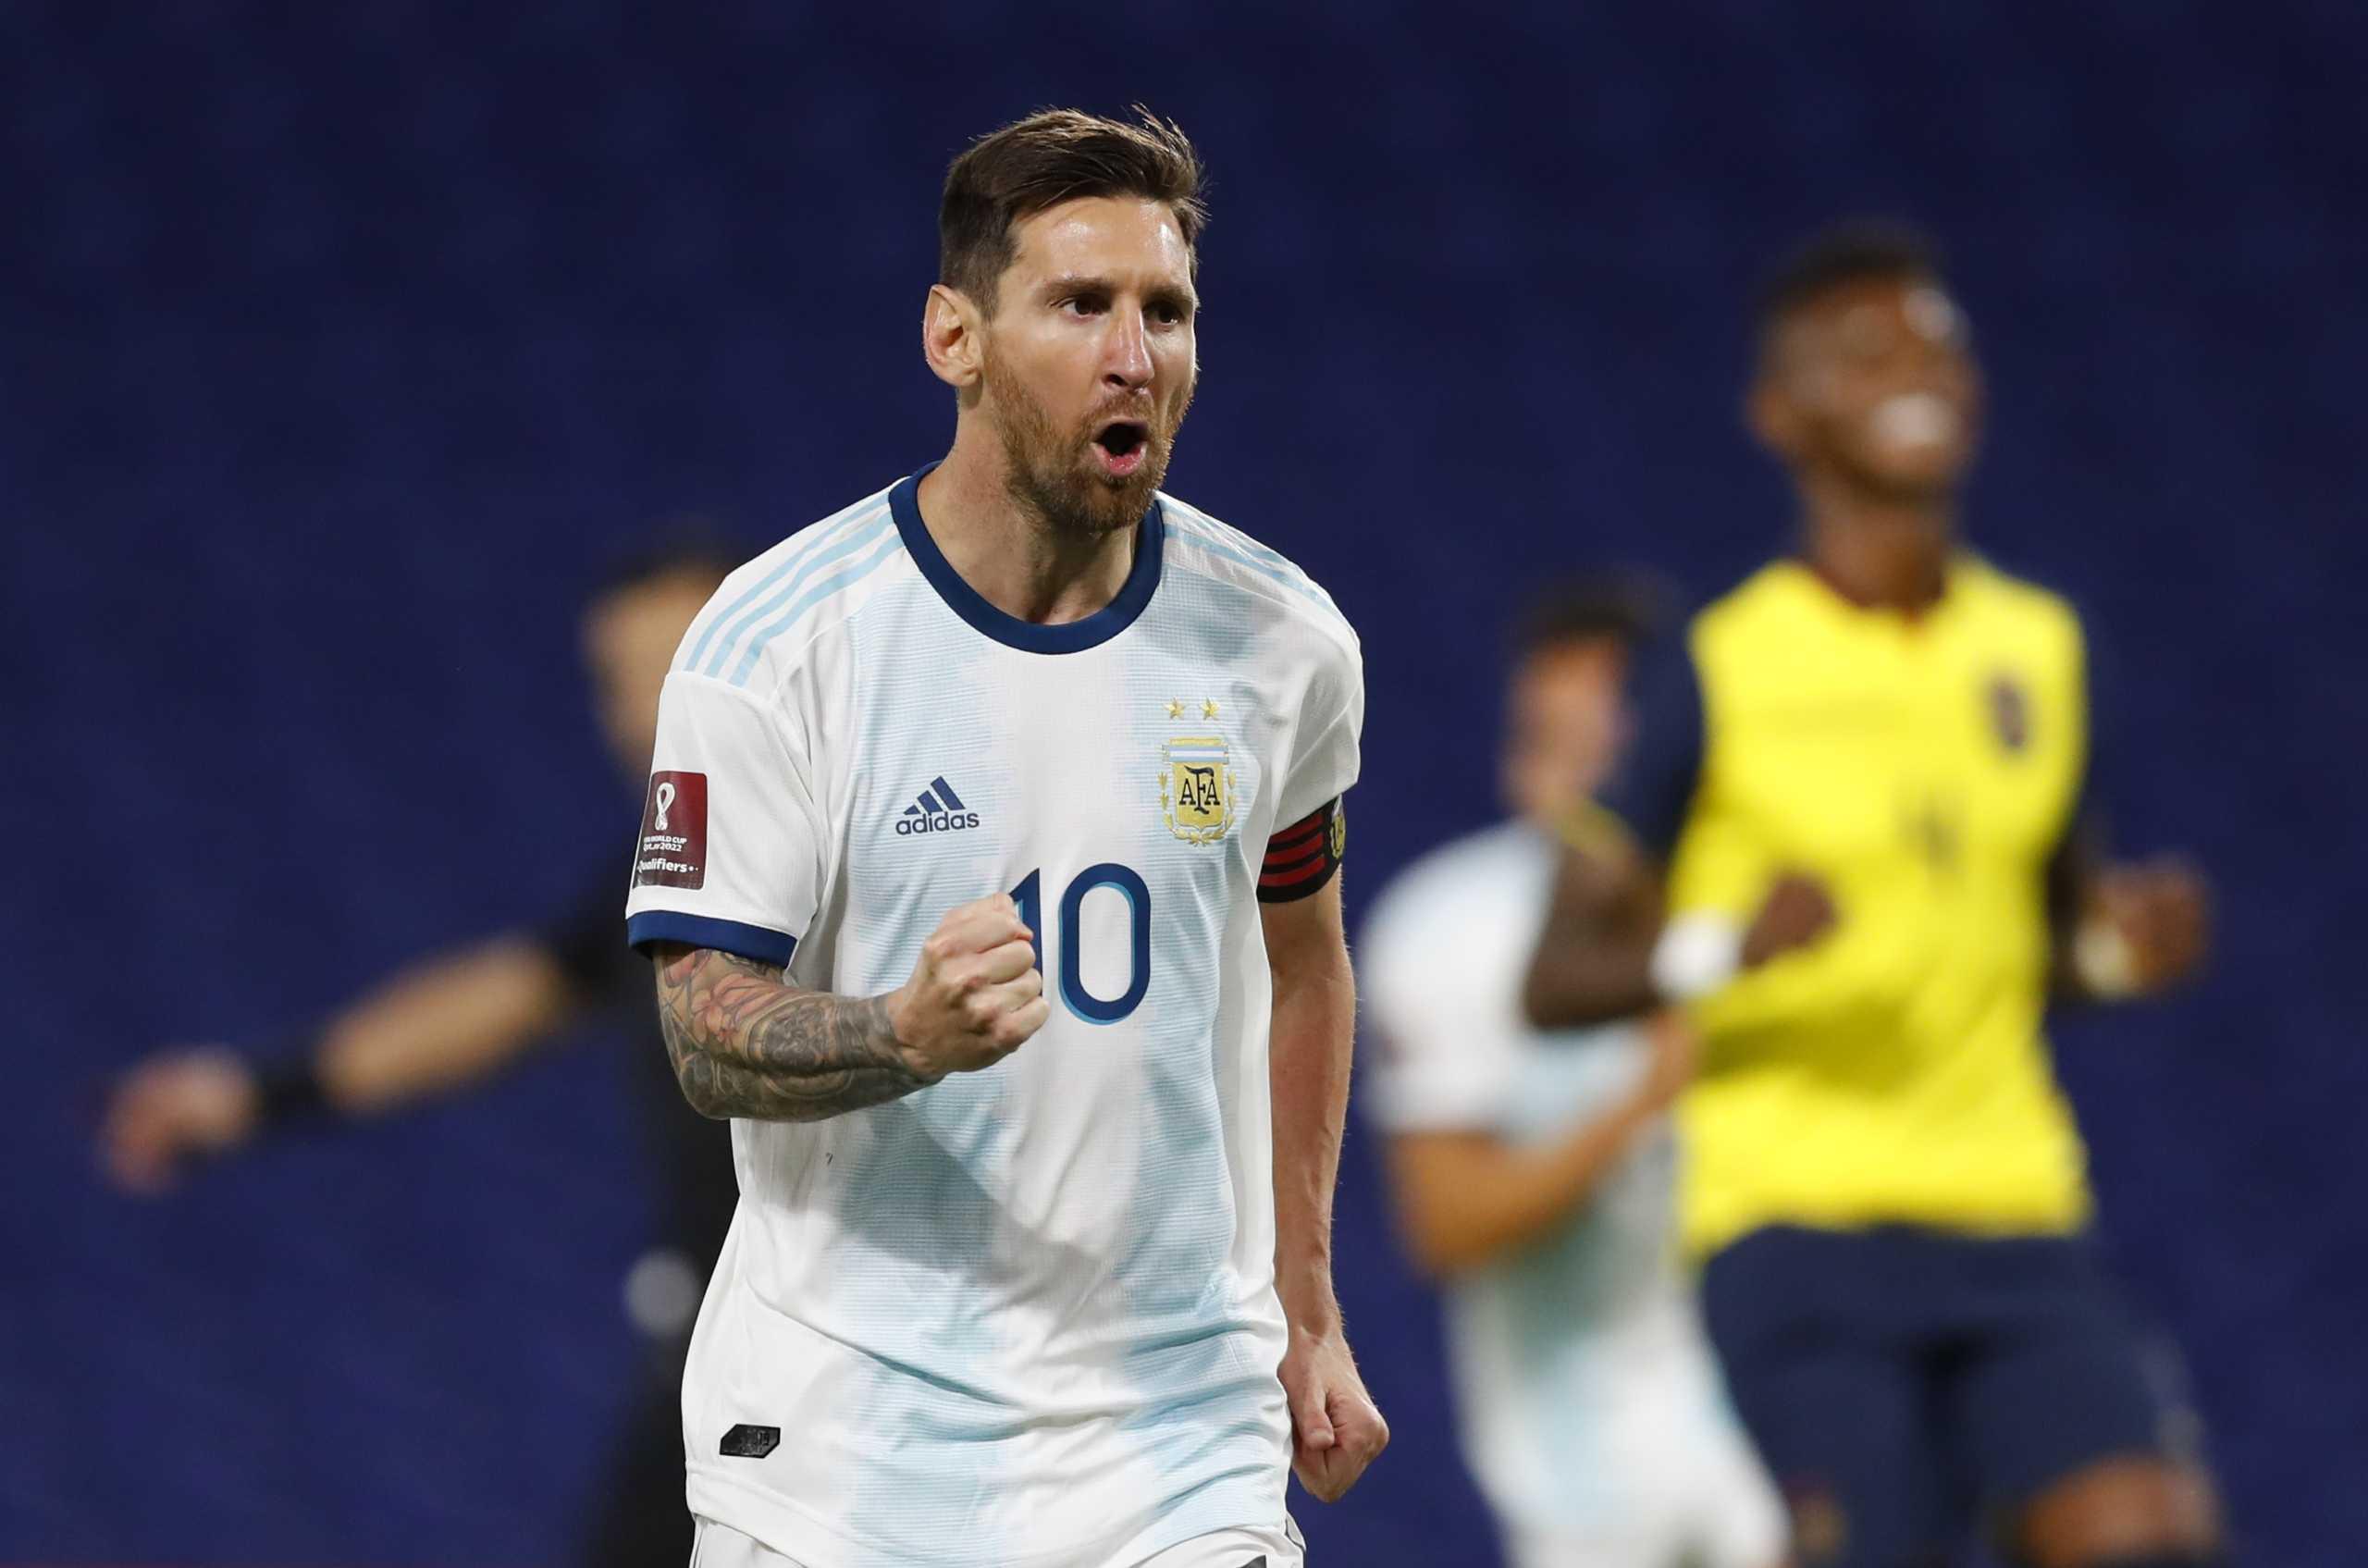 Πρεμιέρα με νίκη, ζόρια και Μέσι για την Αργεντινή στα προκριματικά του Μουντιάλ 2022 (video)